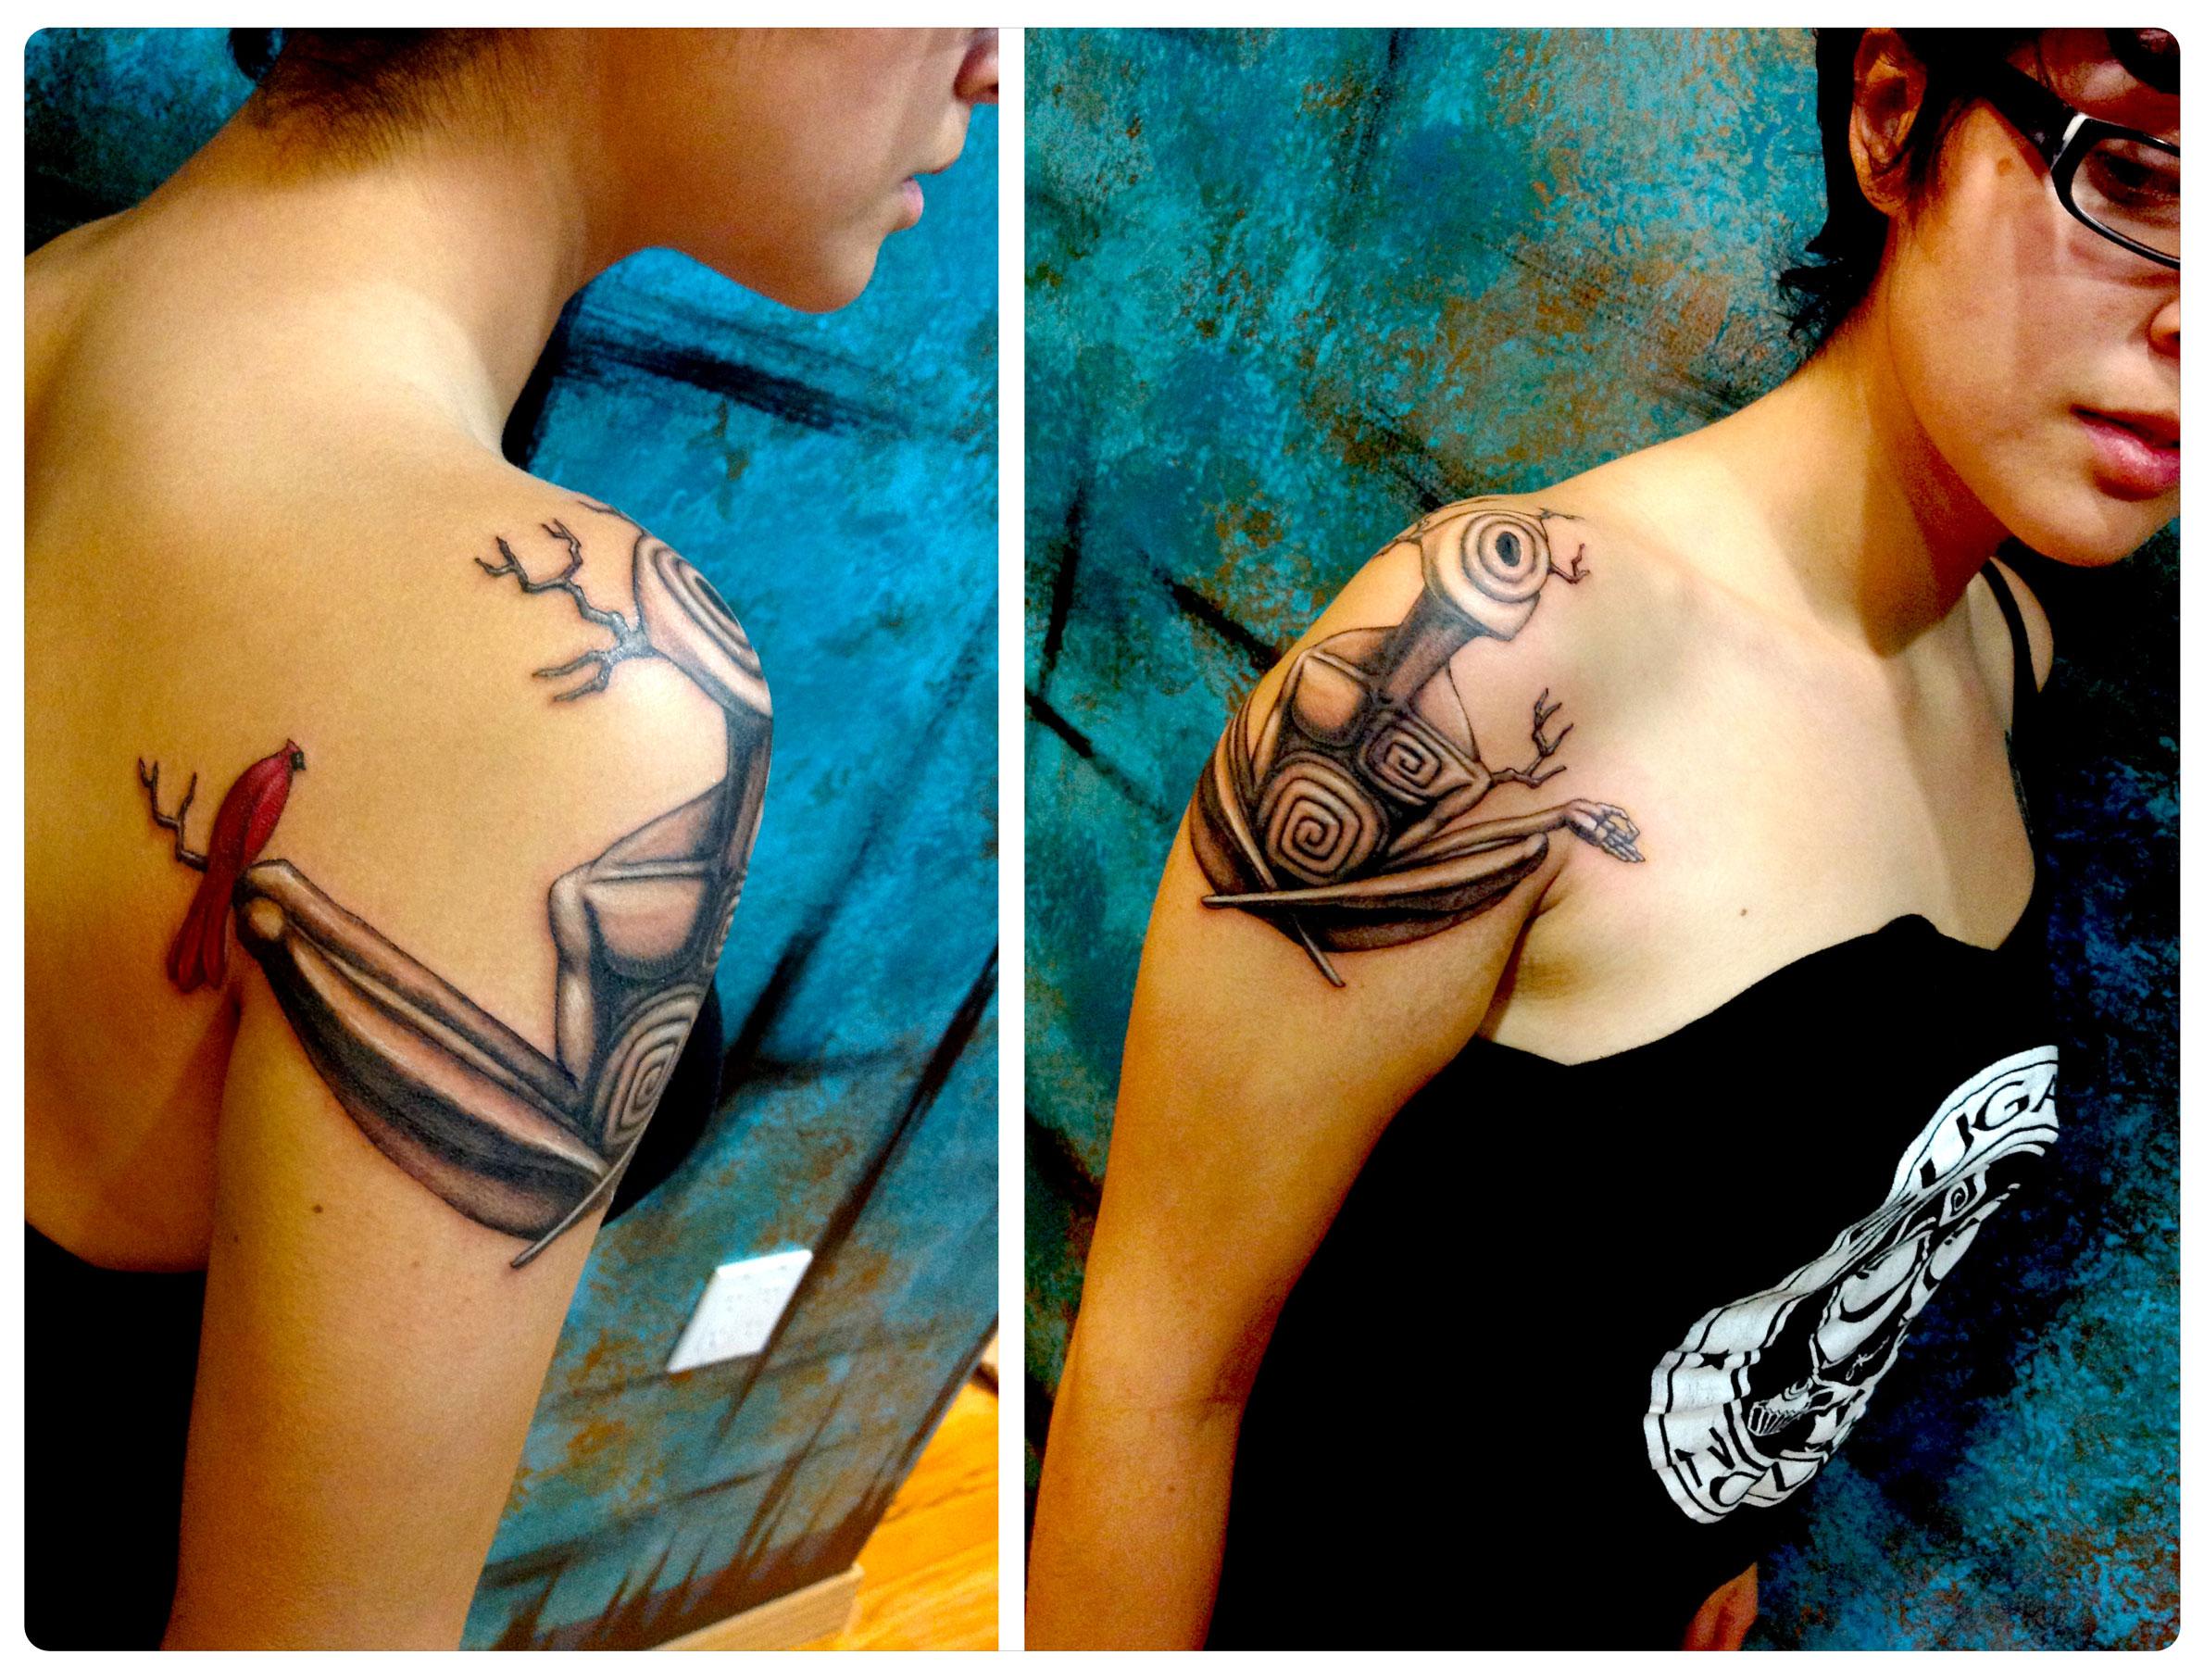 Art by J.R. Slattum  | Tattoo by Shane Acuff